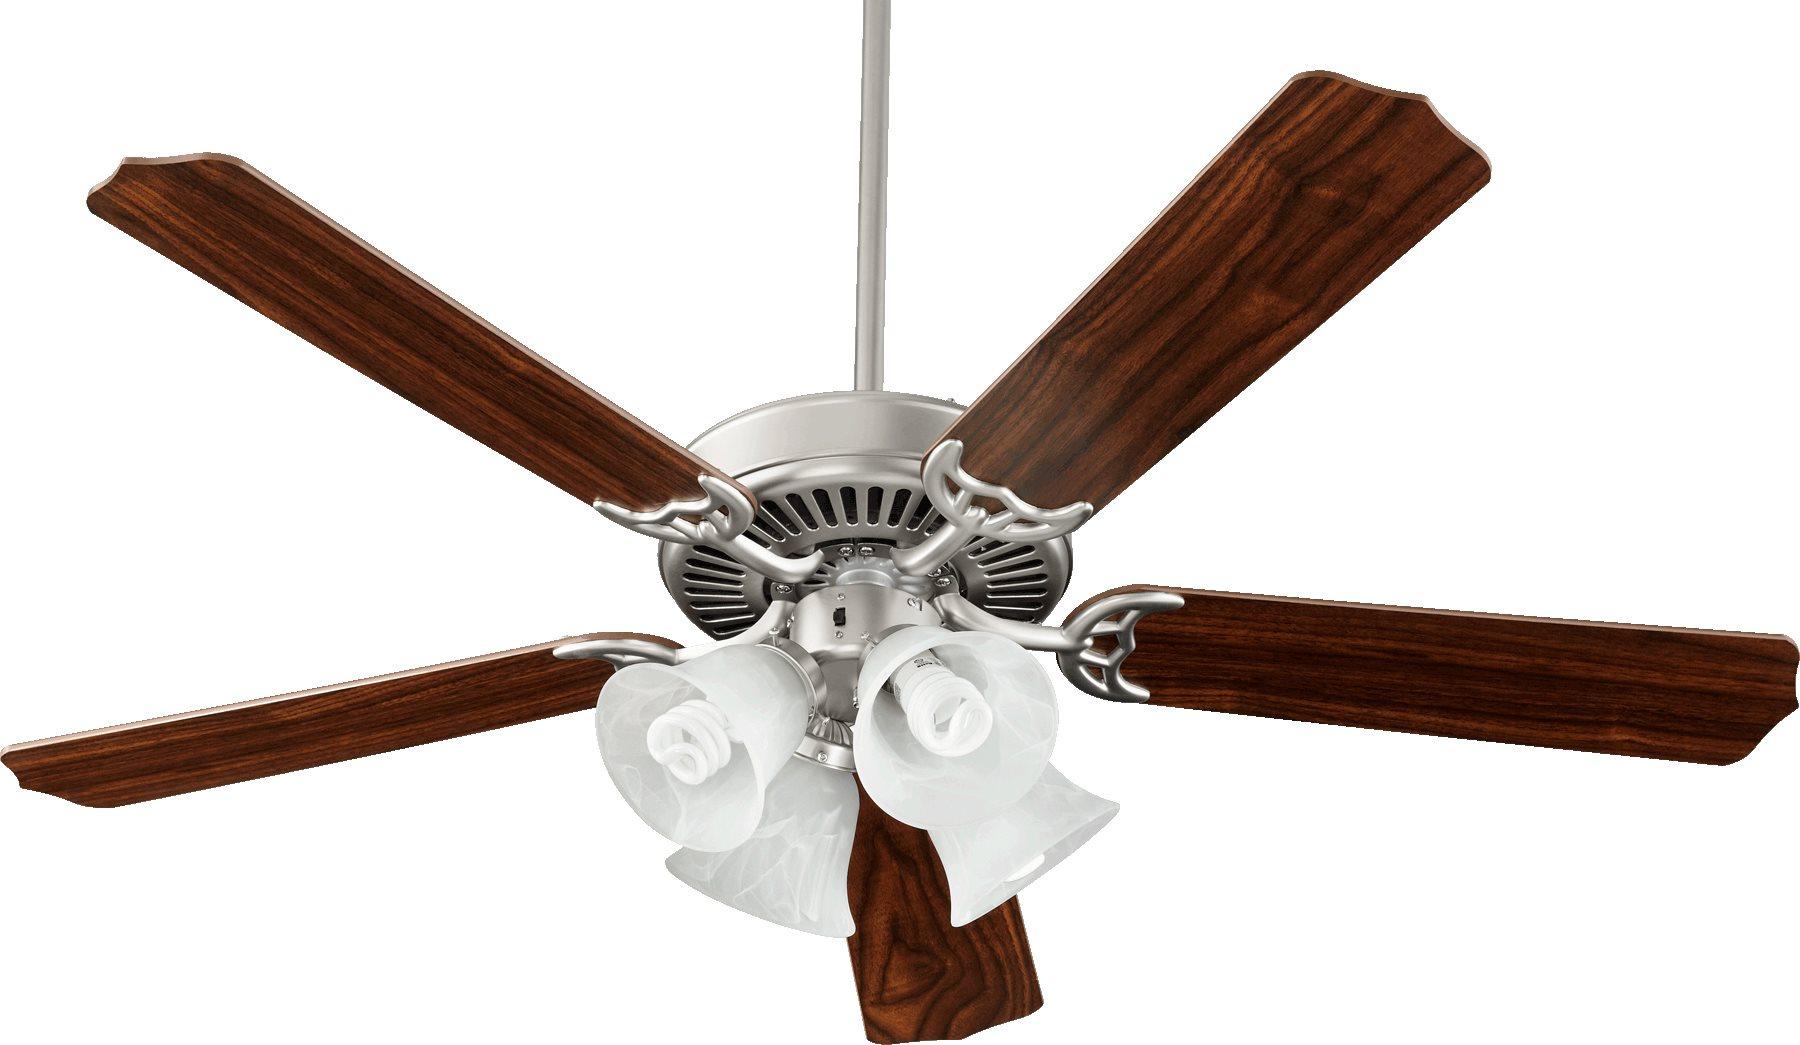 hight resolution of quorum lighting 77525 capri v 52 transitional ceiling fan qr 77525 v ceiling fan capacitor wiring schematic quorum ceiling fan capacitor wiring